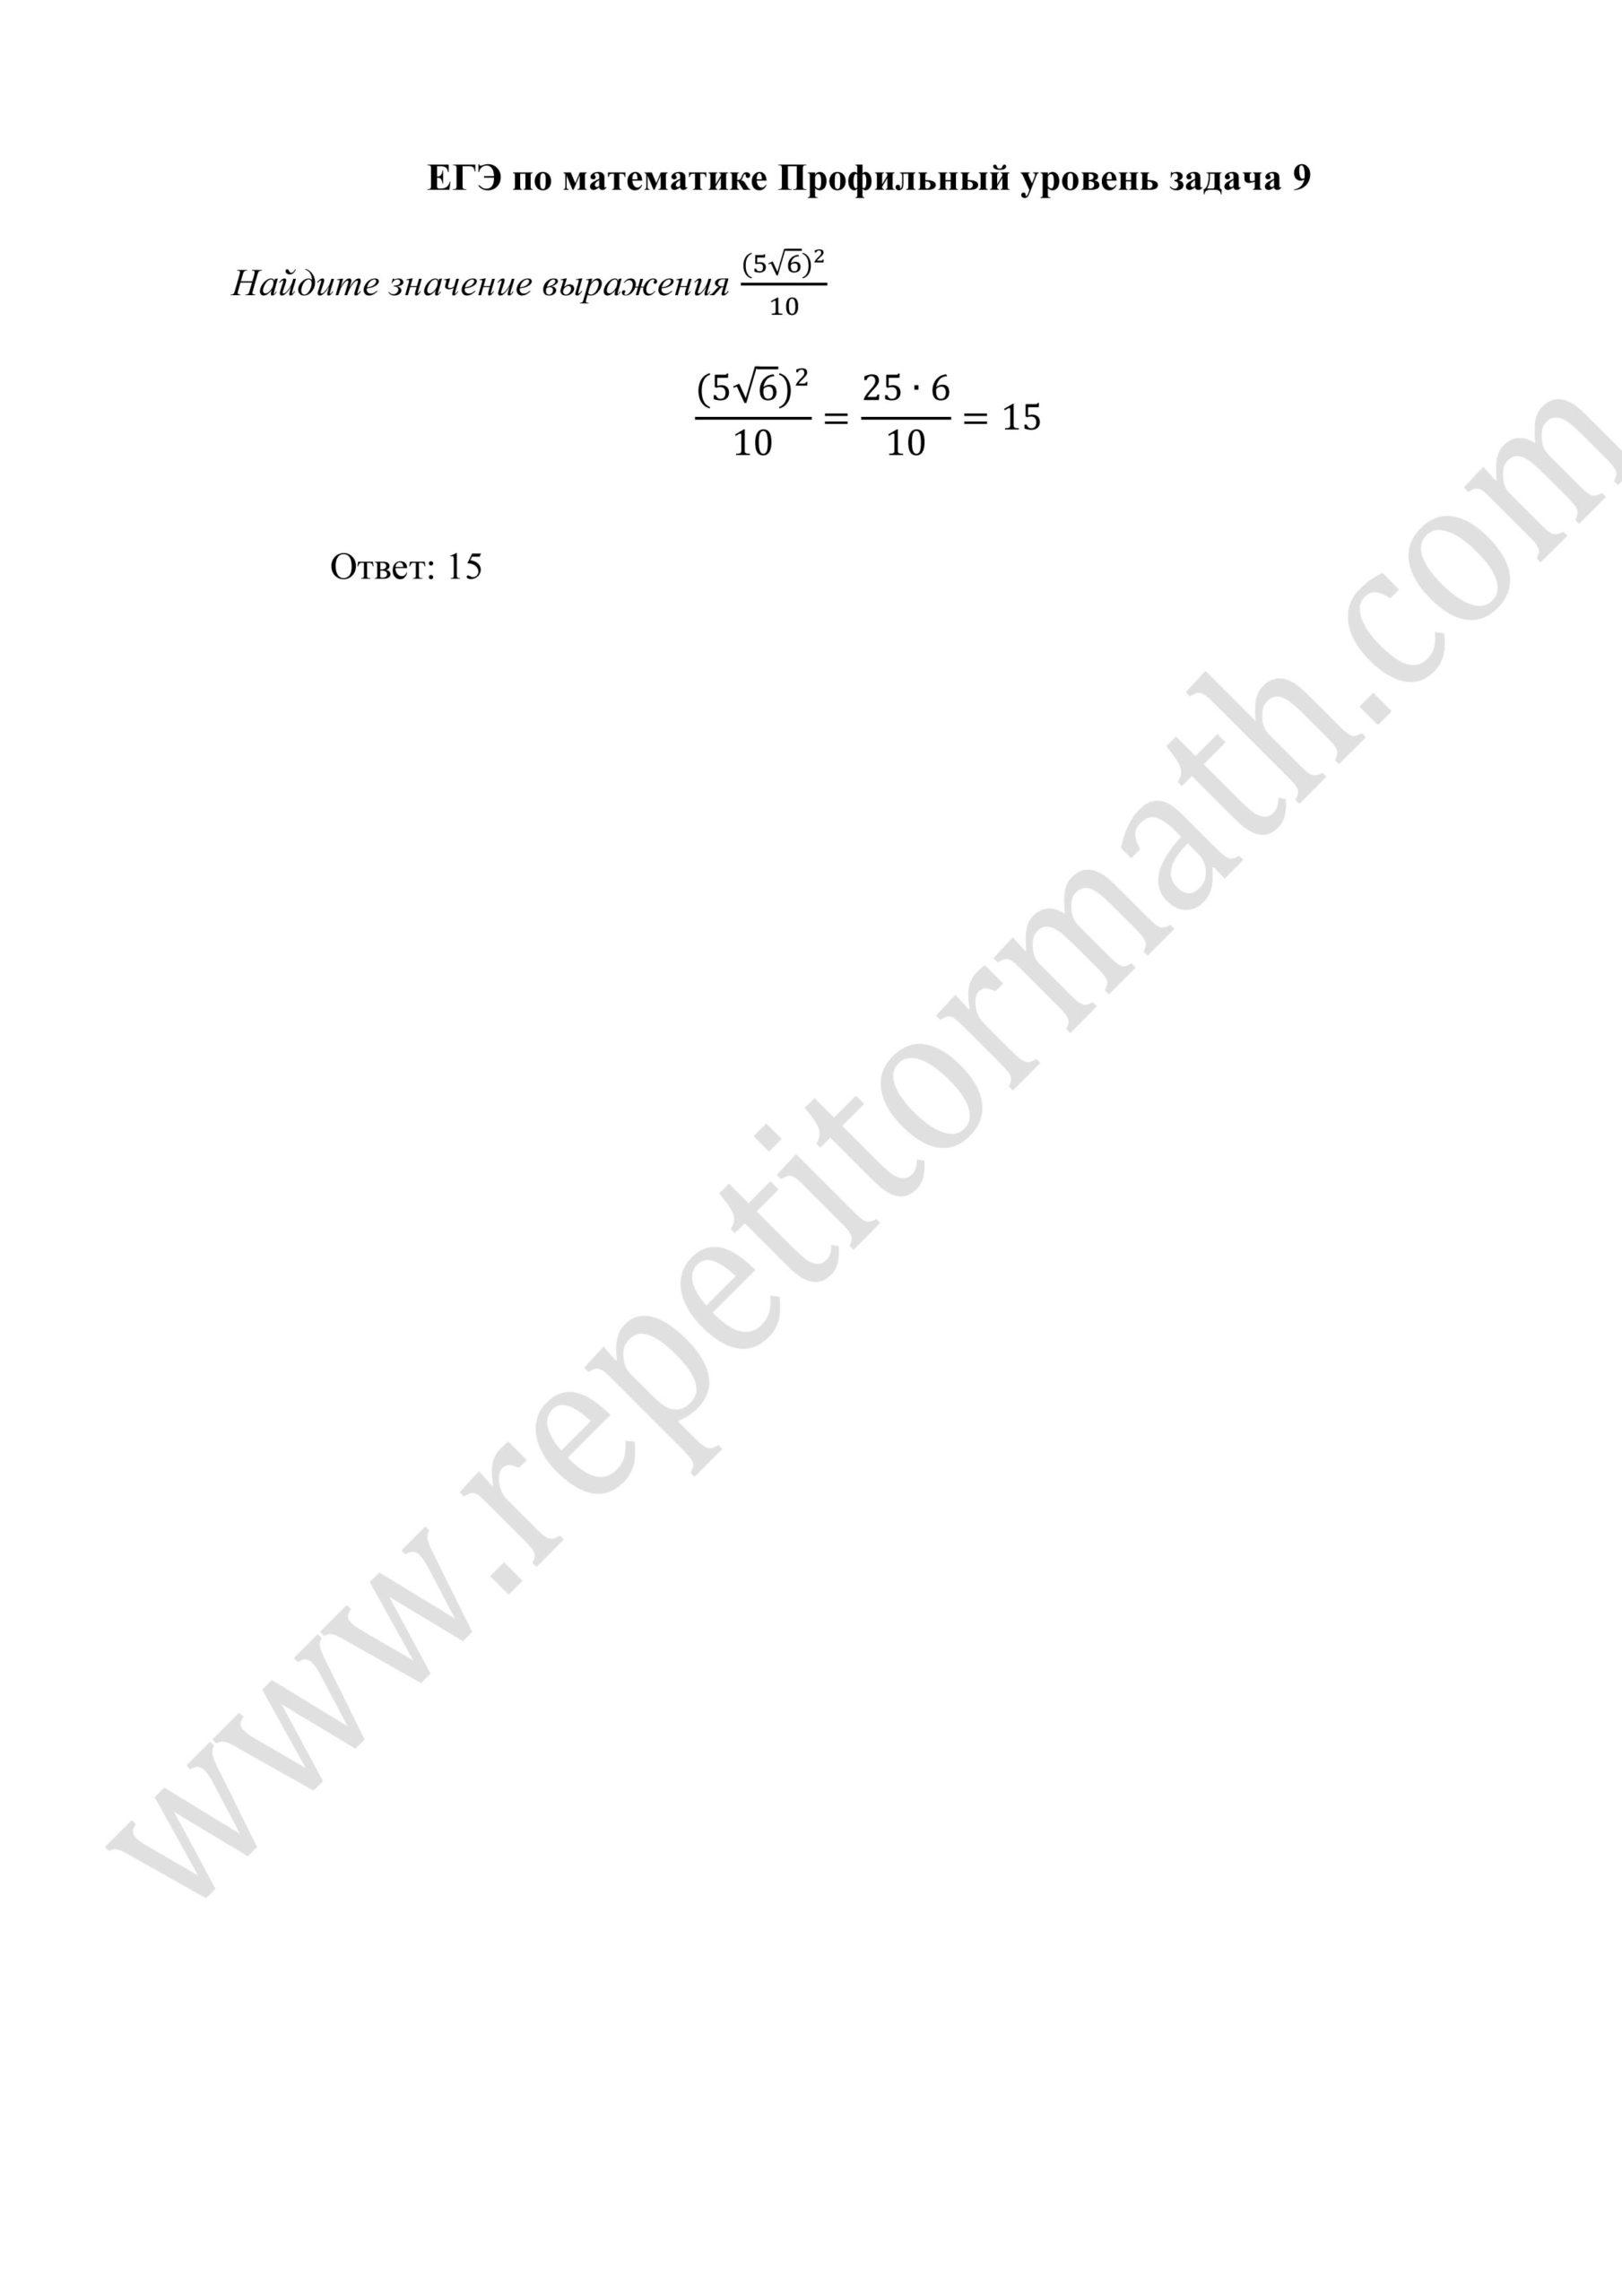 Задание №9 ЕГЭ (профильный уровень)